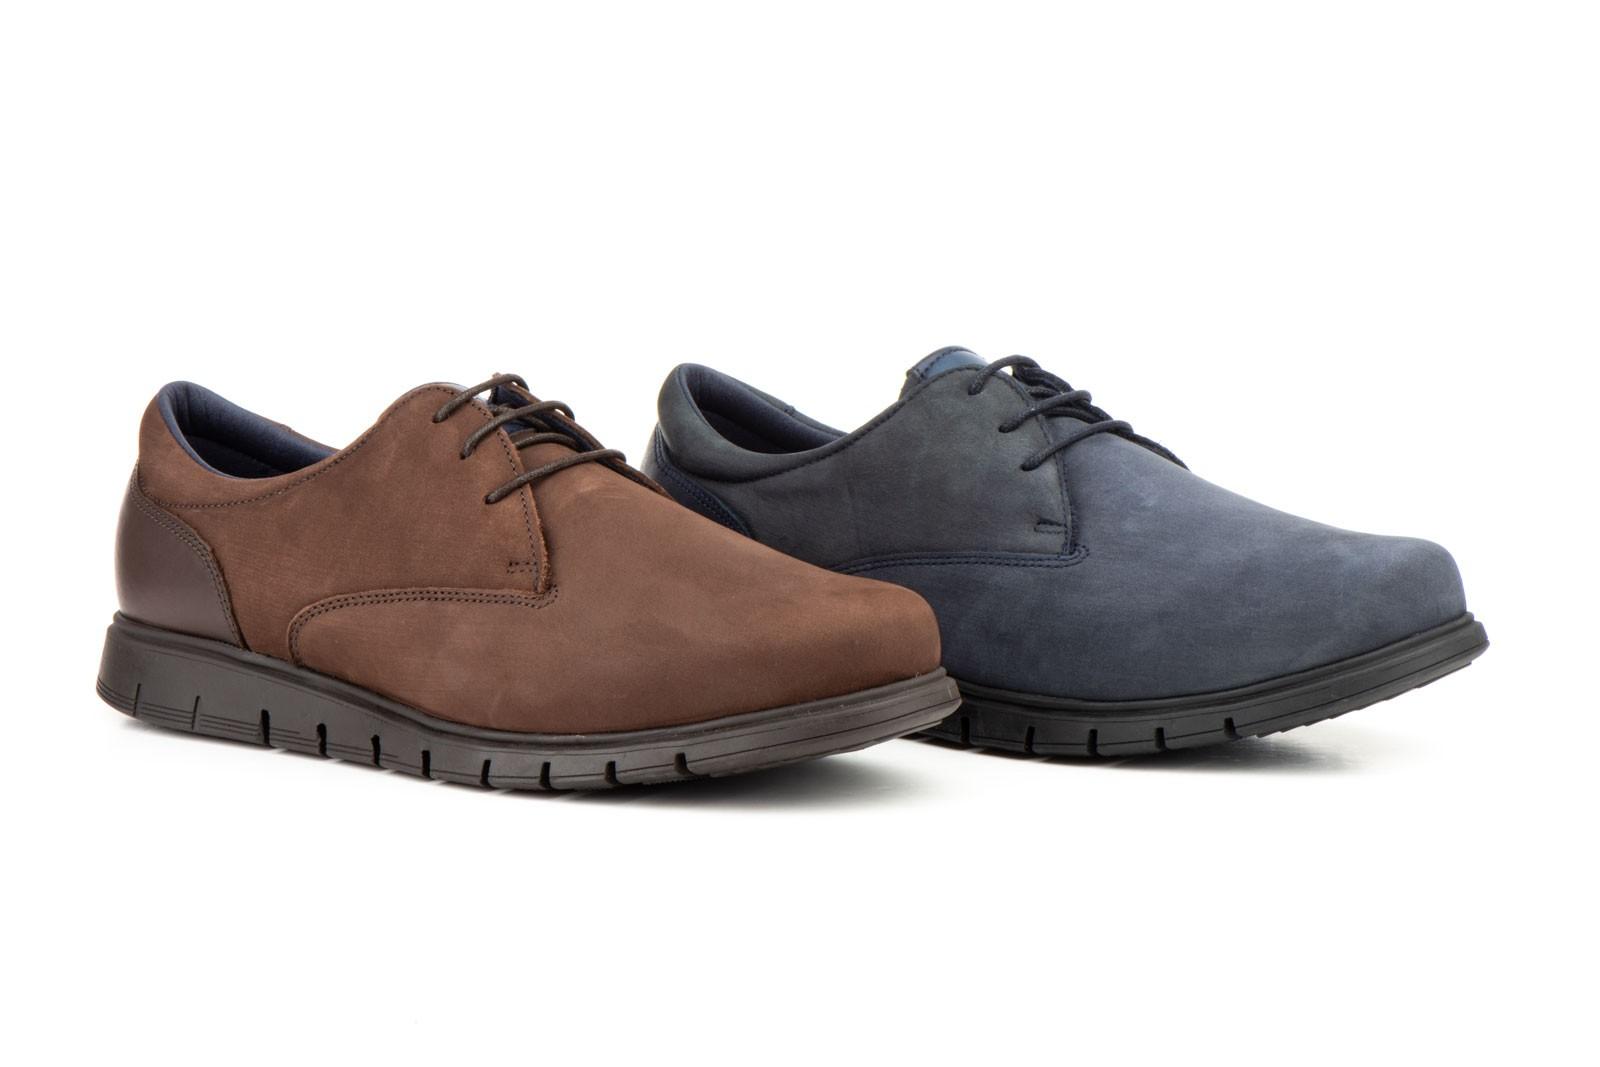 Zapatos Hombre Derby Piel Nobuck Cordones KL-285659,50€